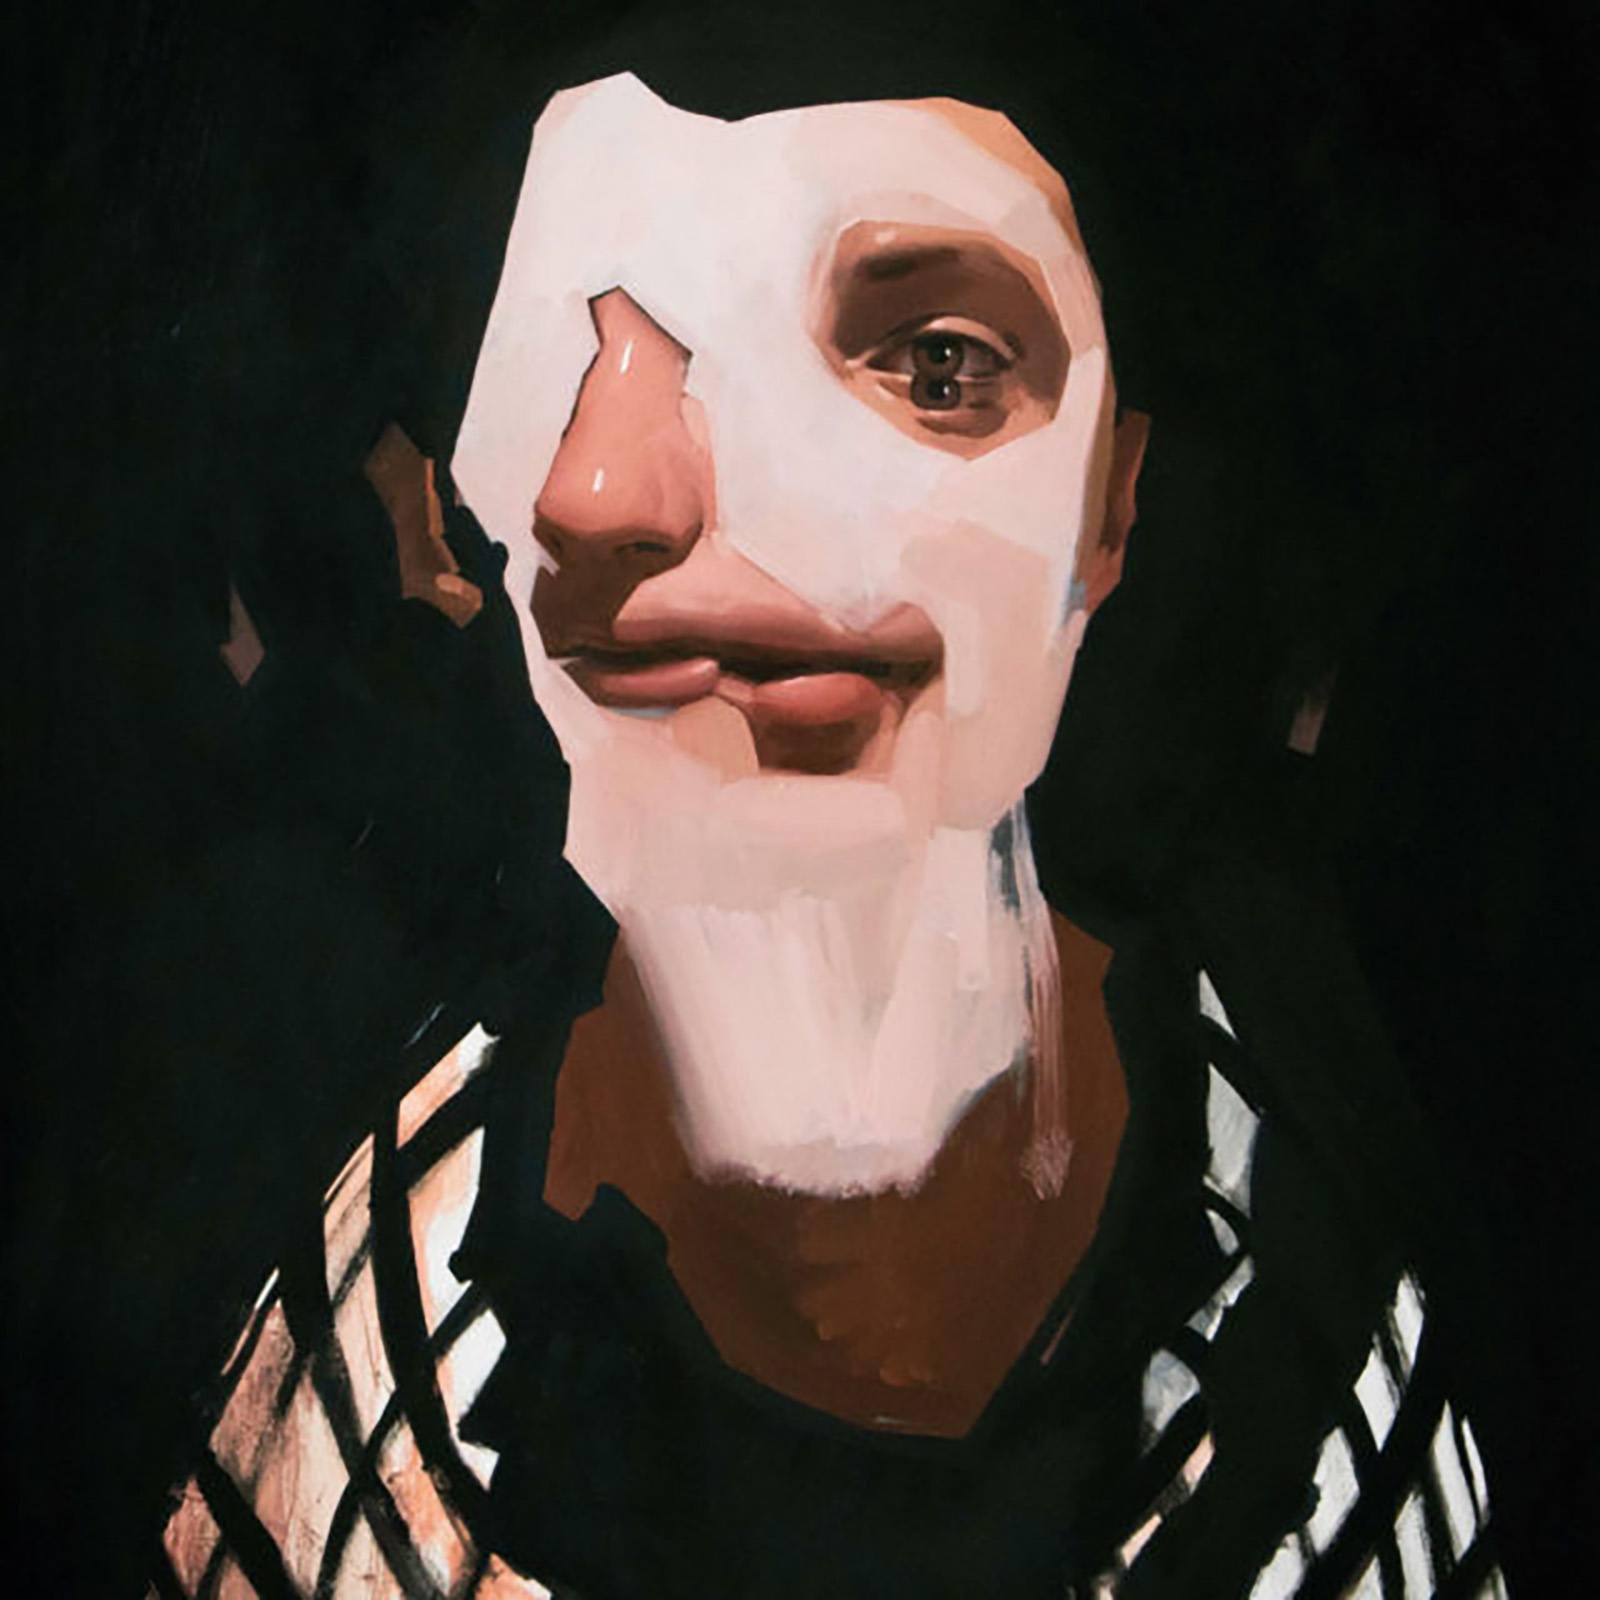 IGNANT-Art-Emilio-Villalba-6